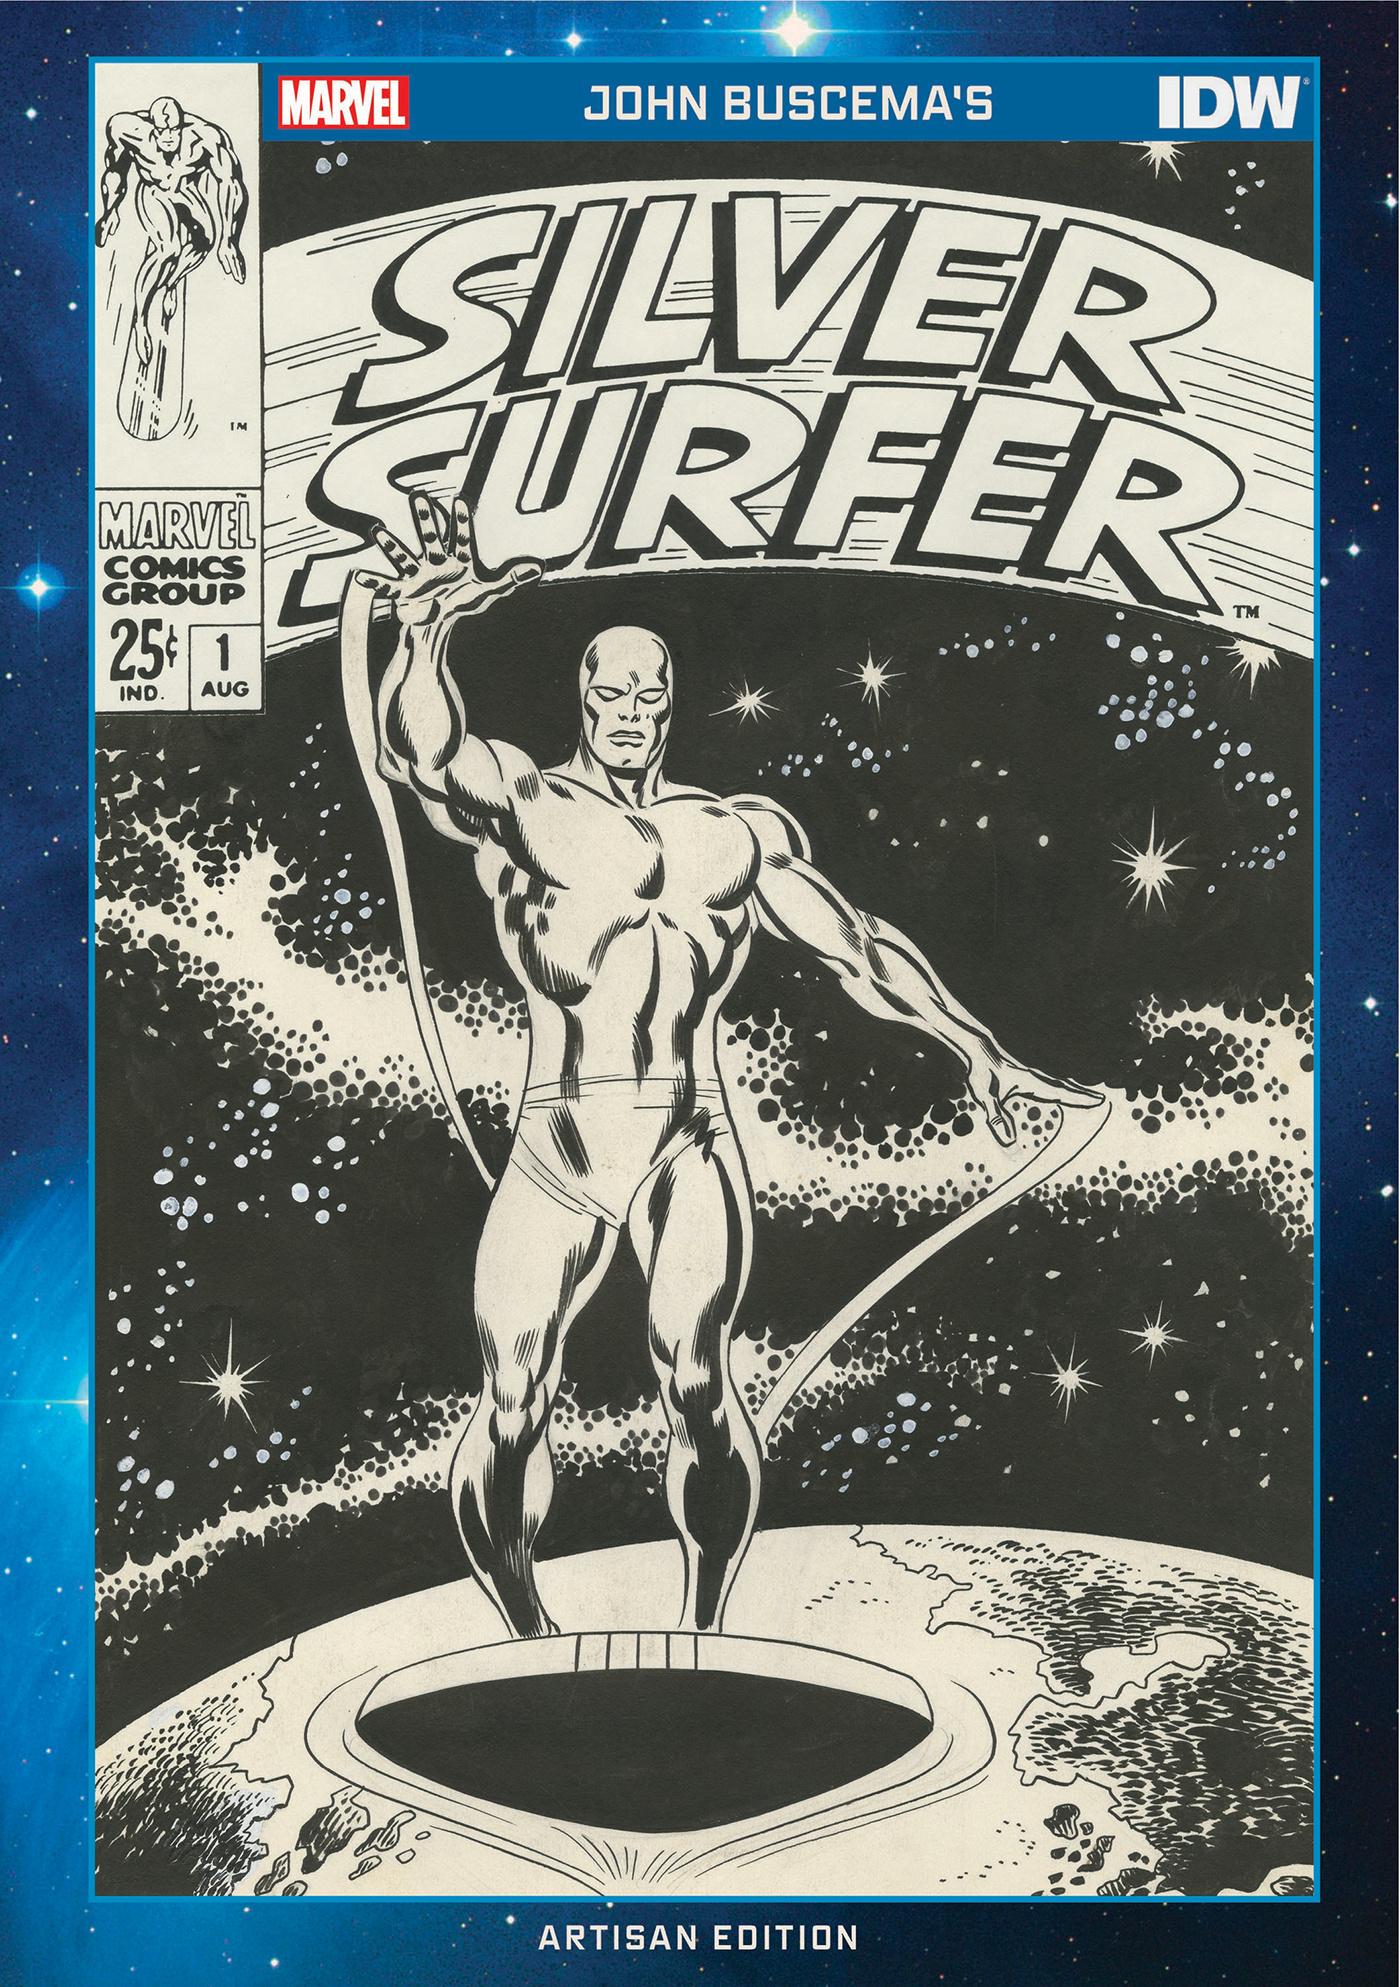 John Buscemas Silver Surfer Artisan Edition cover